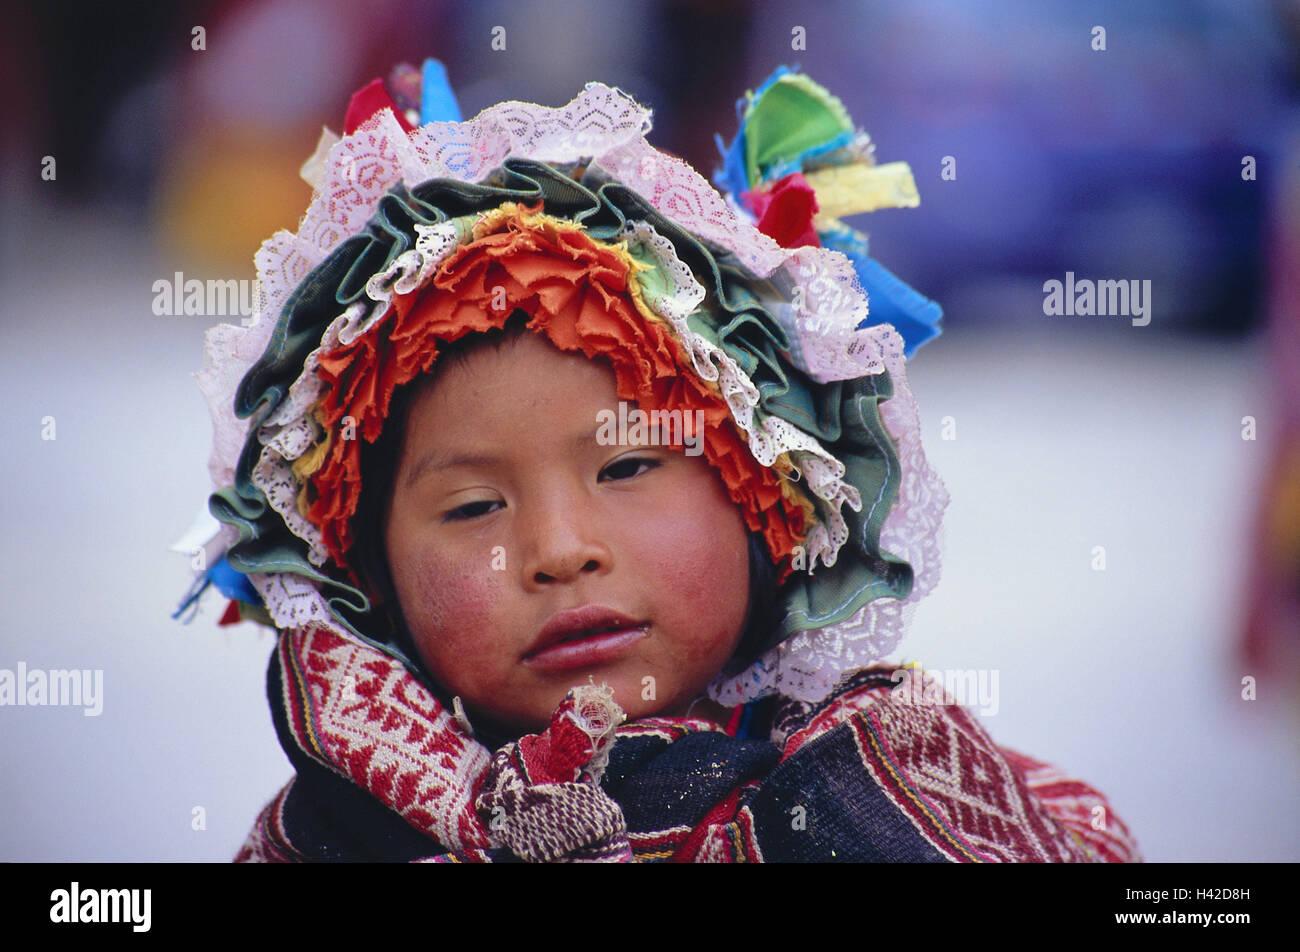 Peru, Cuzco, Inca Markt, child, national costume, portrait, no model release, South America, town, person, locals, Stock Photo